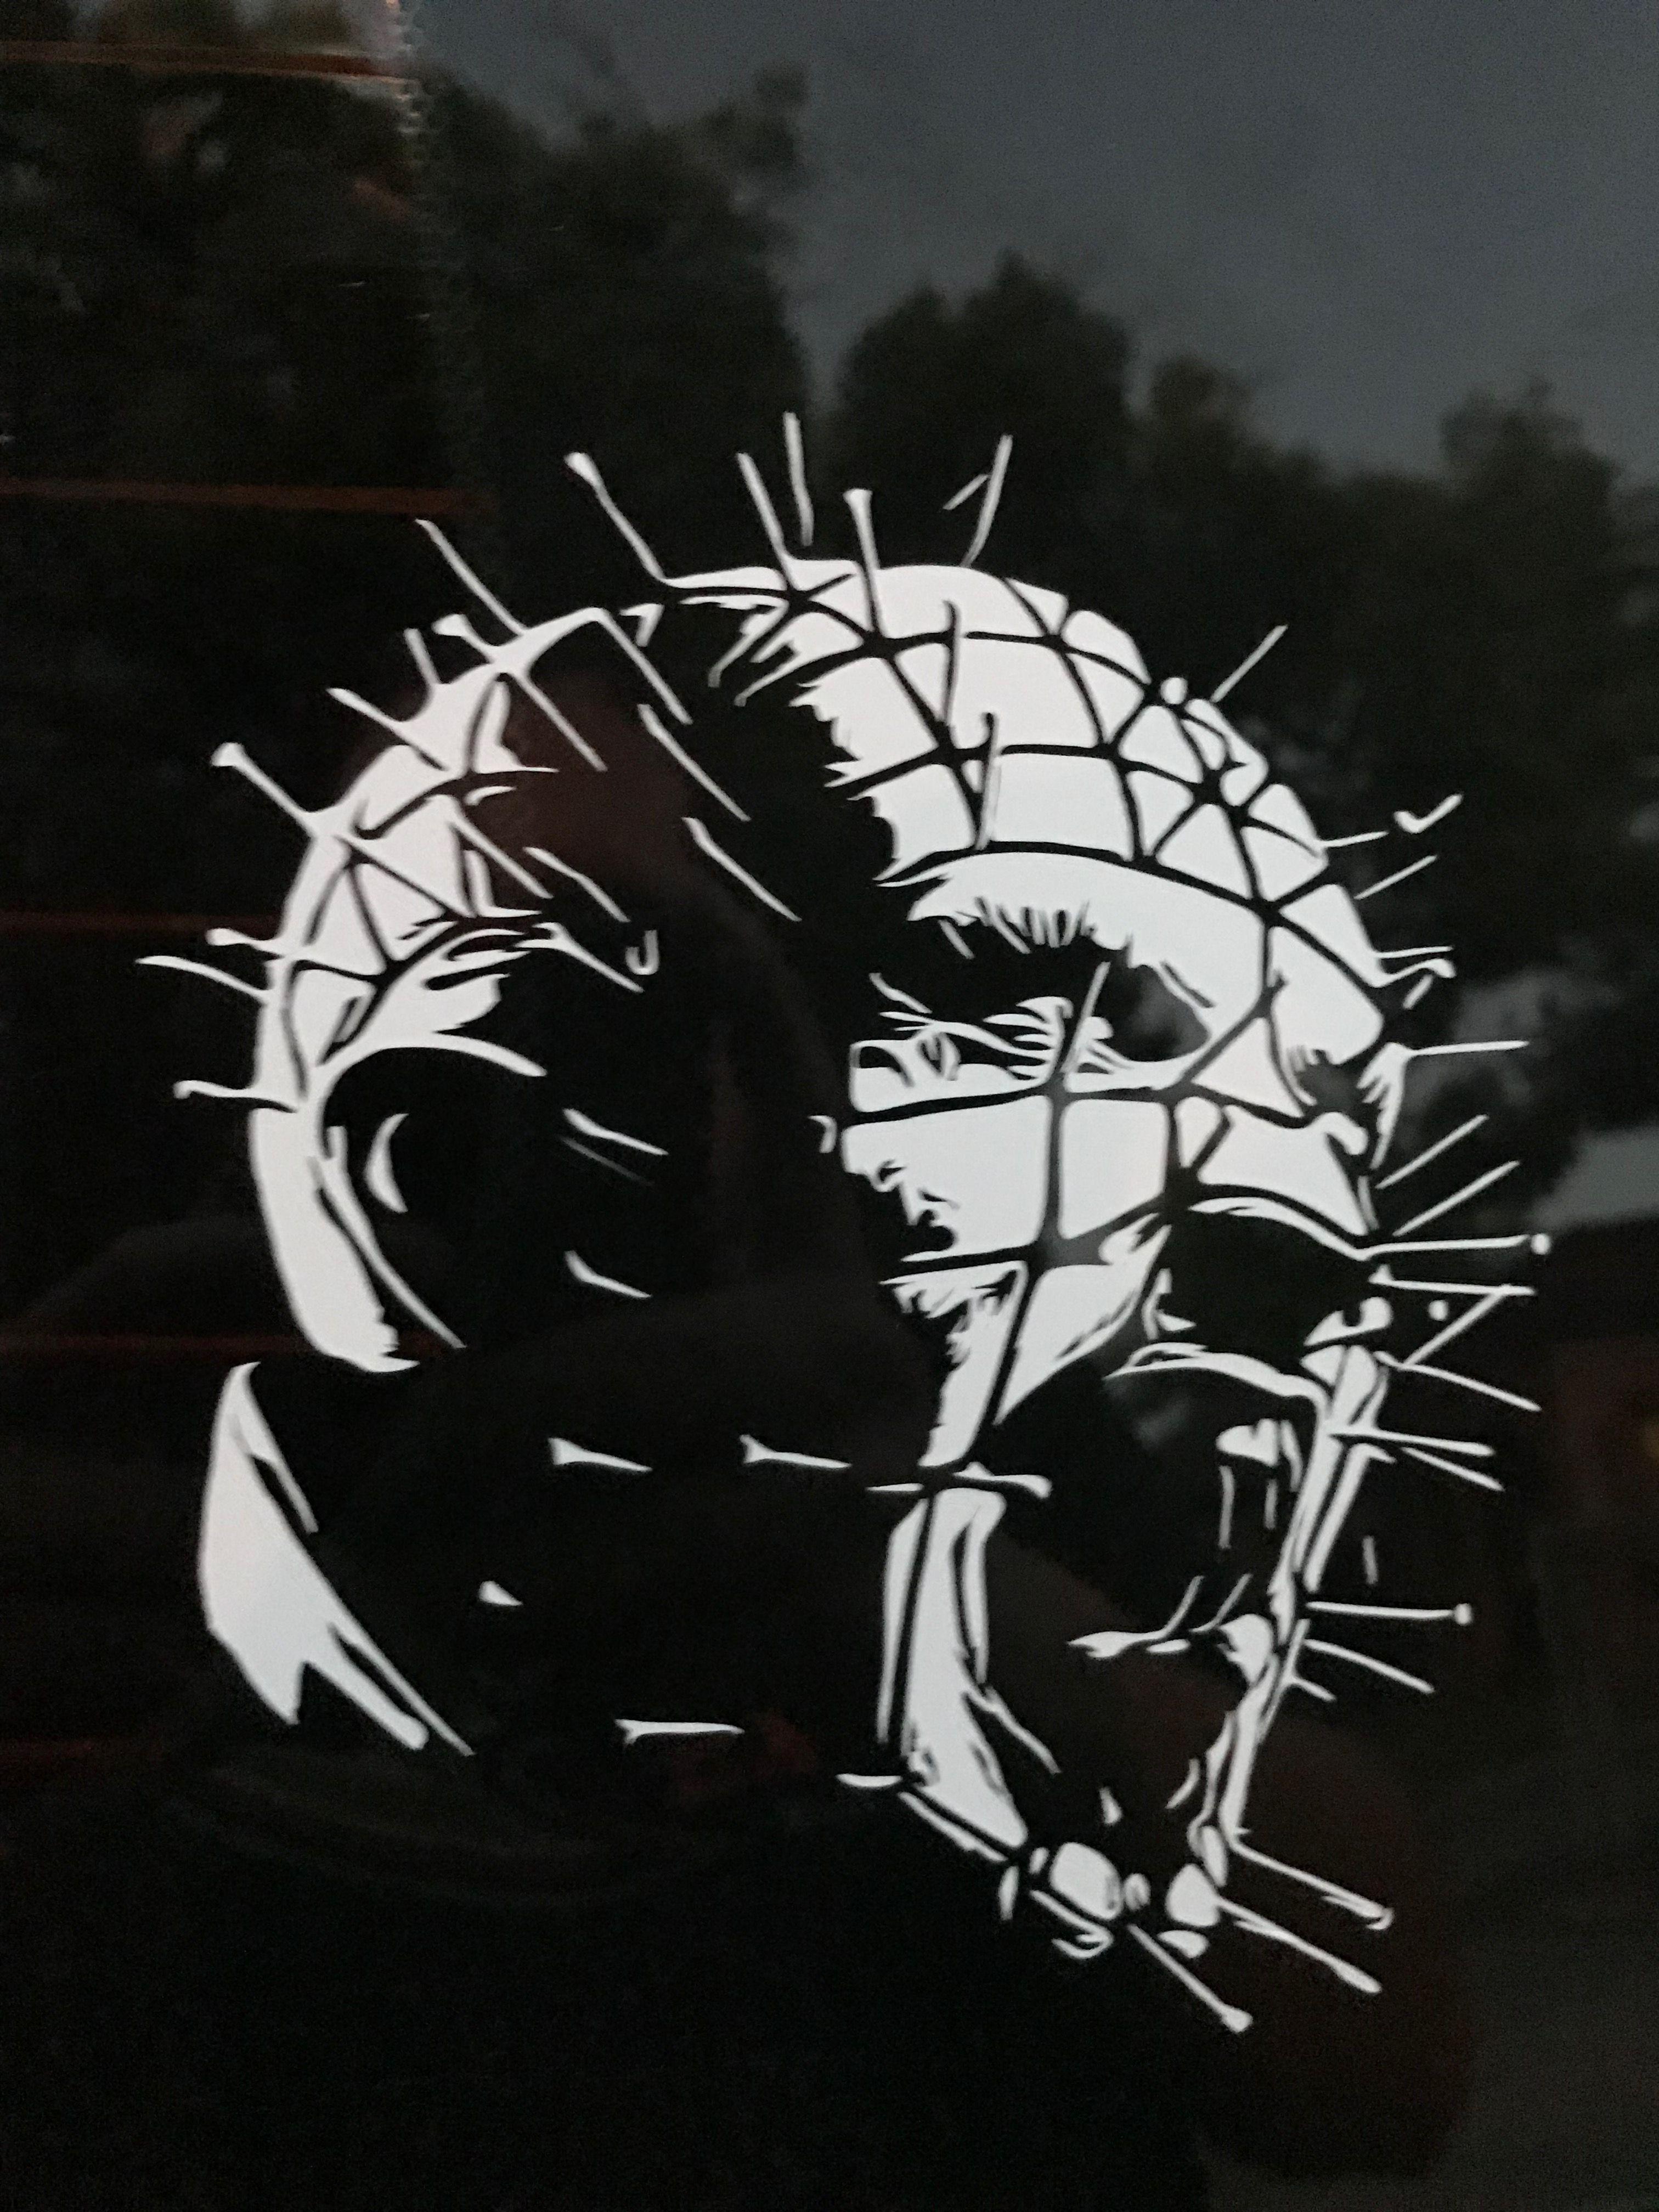 Hellraiser Pinhead Car Horror Decals Horror Movie Tattoos Horror Movie Art Hellraiser [ 4032 x 3024 Pixel ]